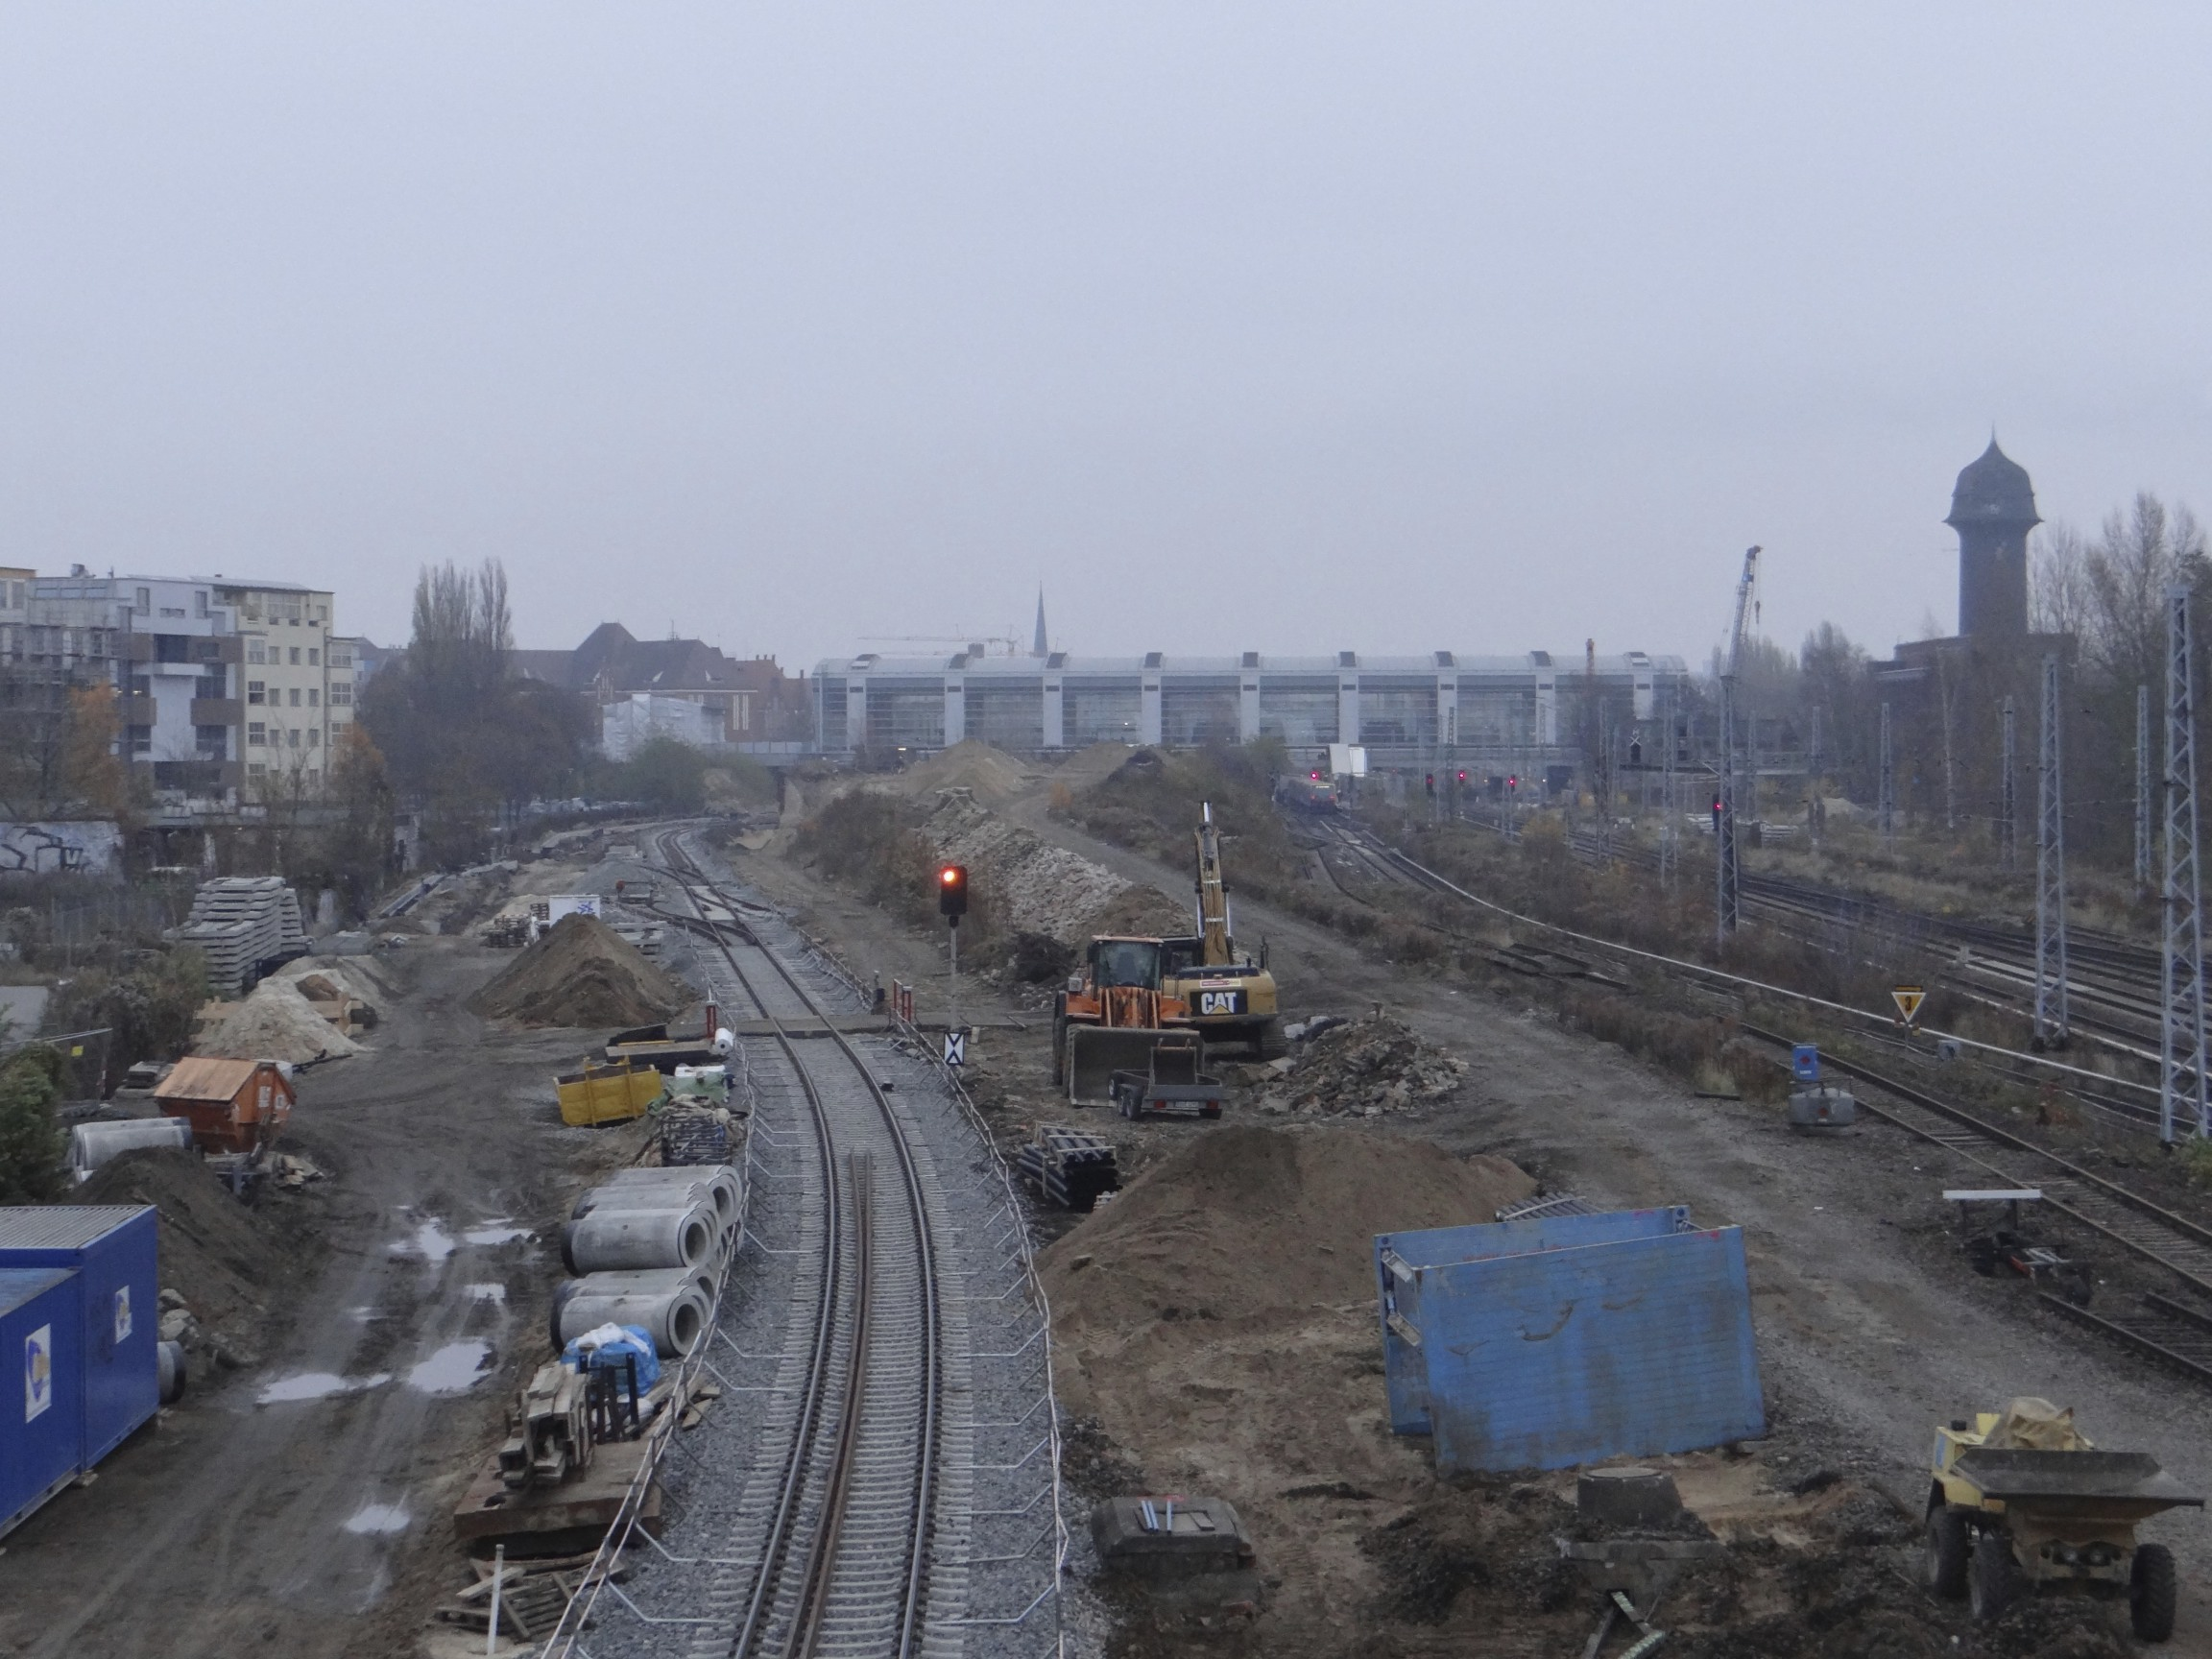 Gleiswechsel für die S-Bahn nach Warschauer Straße